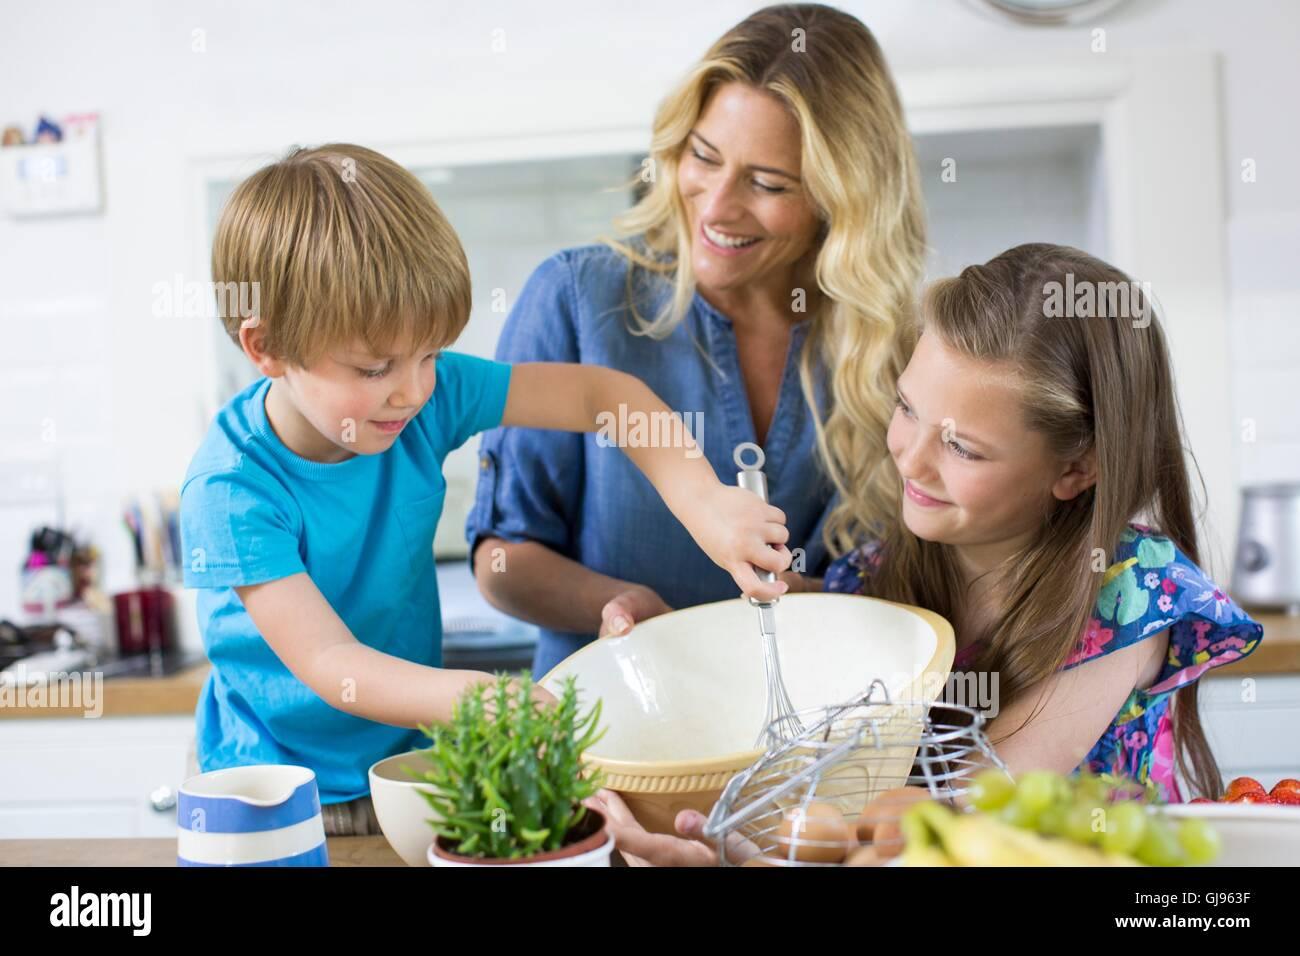 Proprietà rilasciato. Modello rilasciato. La madre e il figlio e la figlia cucina in cucina. Immagini Stock